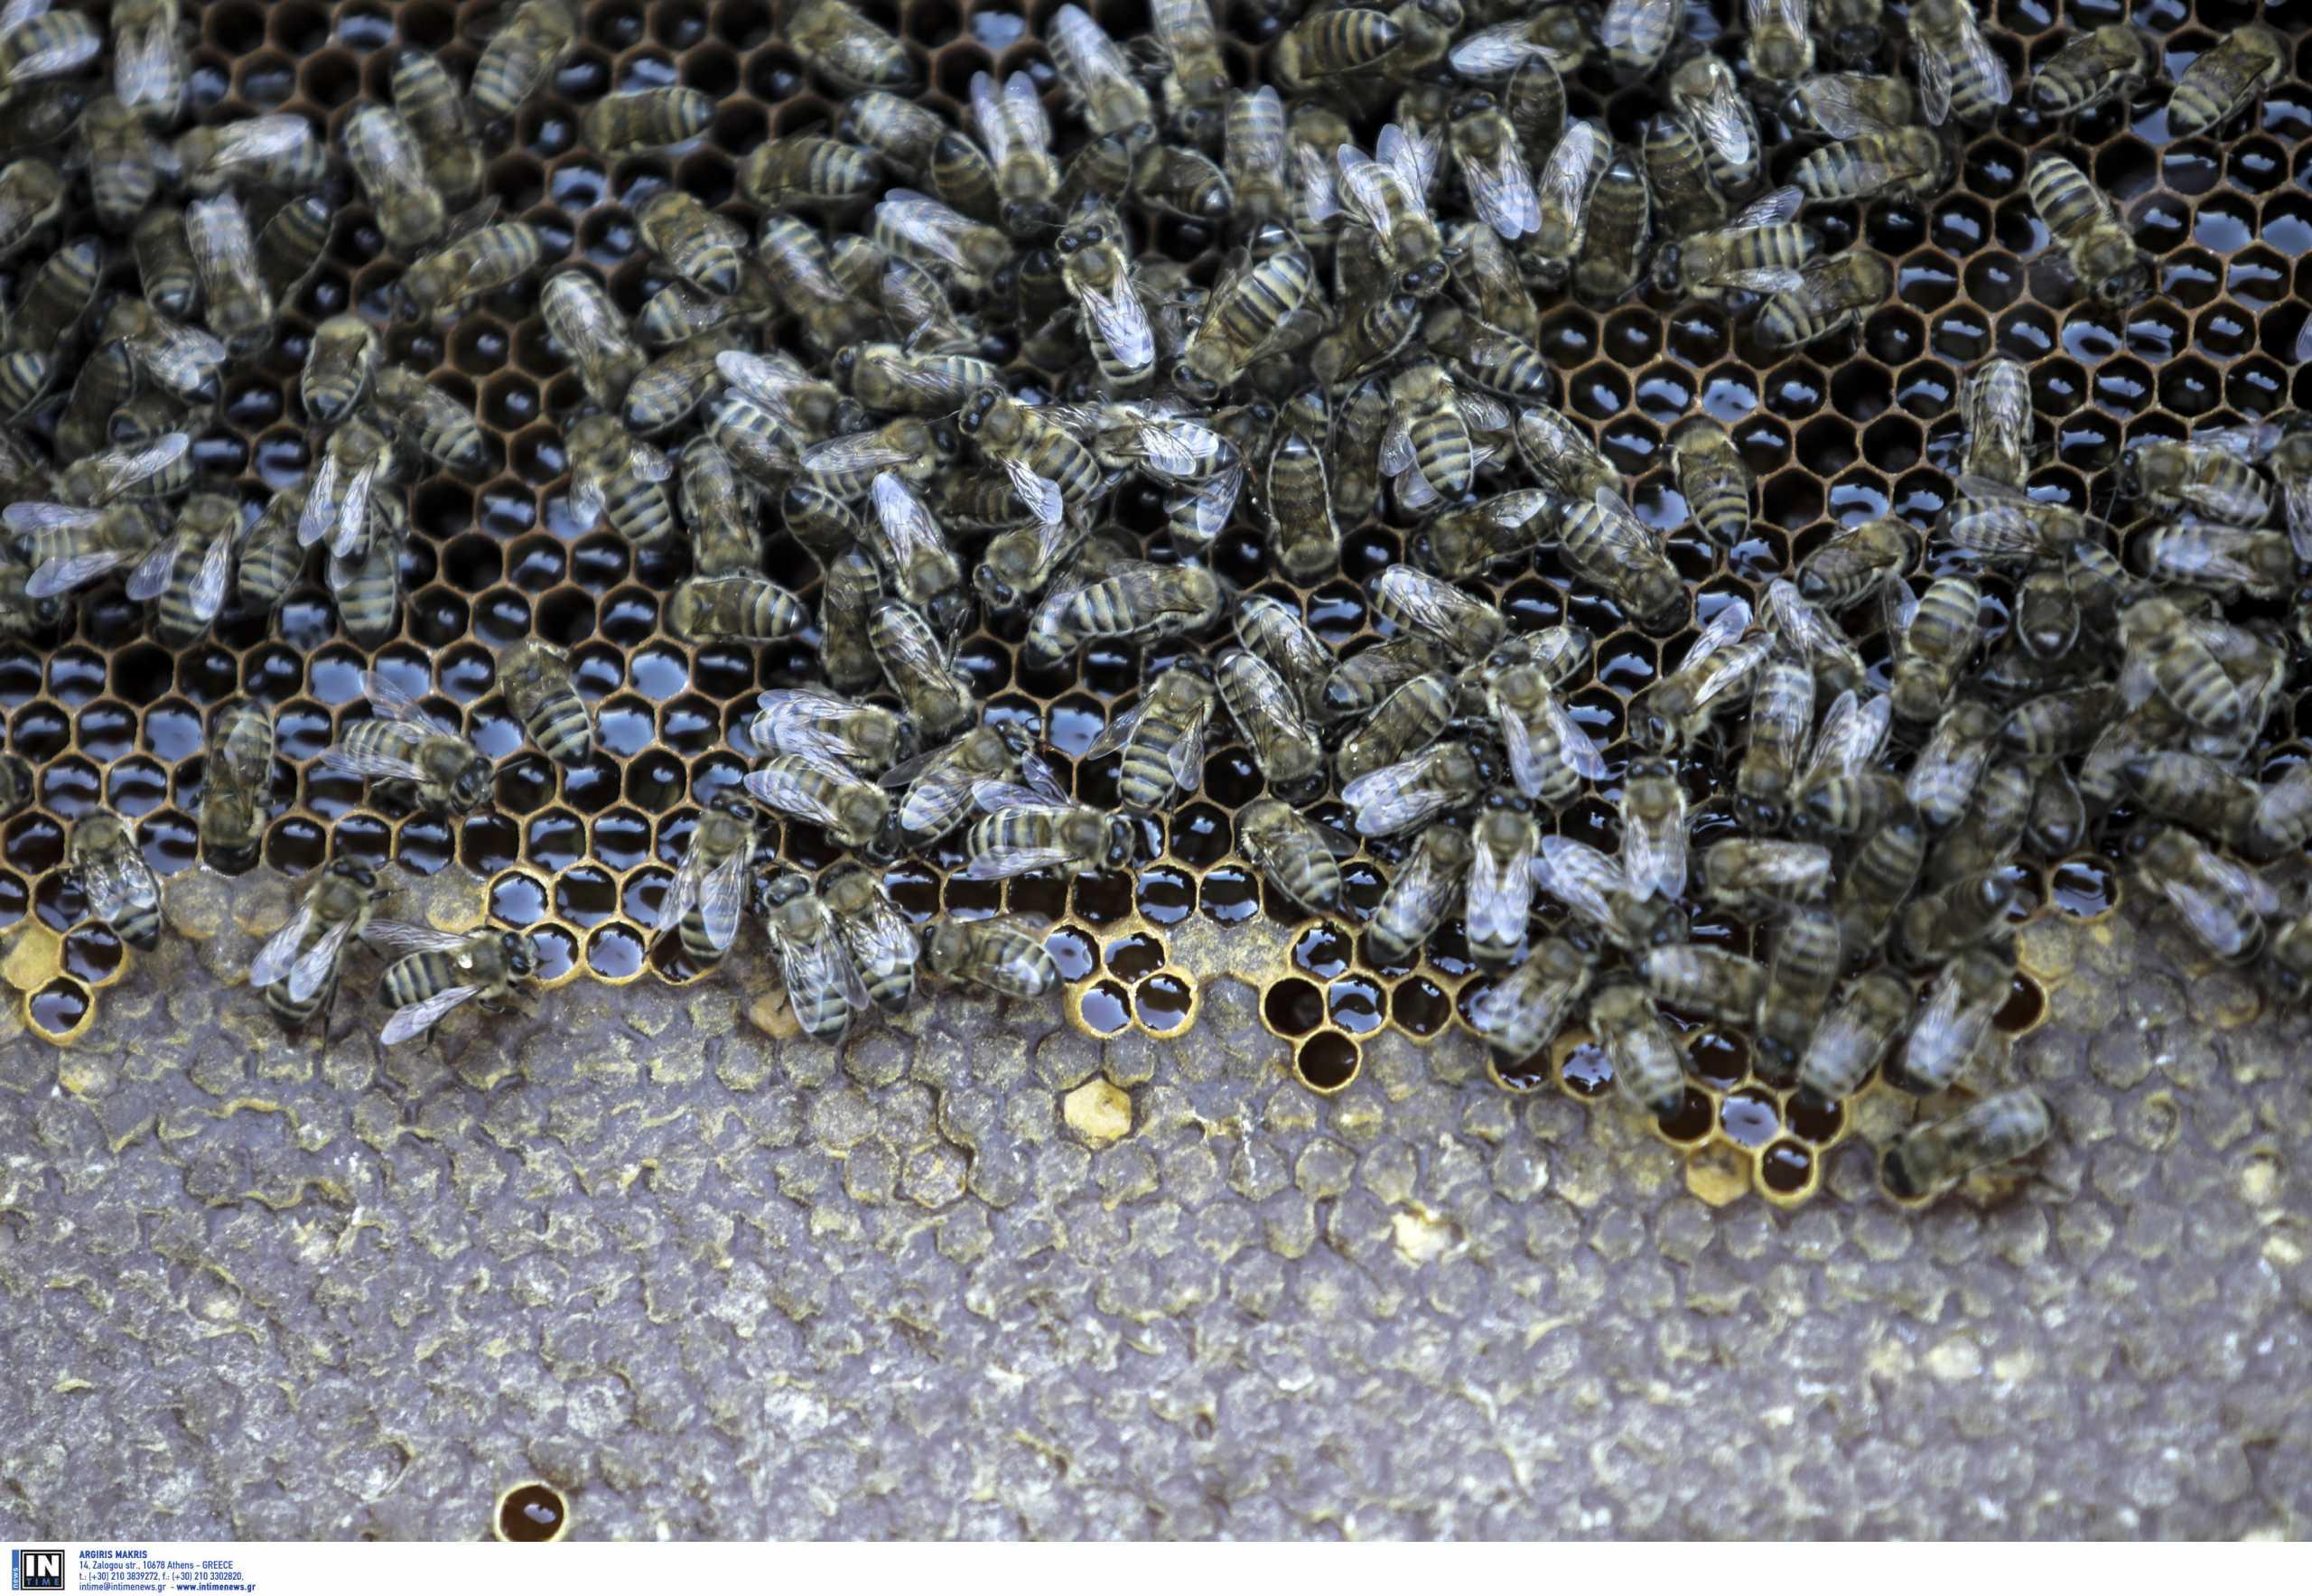 Άρτα: 75χρονος έπαθε αλλεργικό σοκ και ανακοπή από τσίμπημα μέλισσας – Τον έσωσαν οι πυροσβέστες